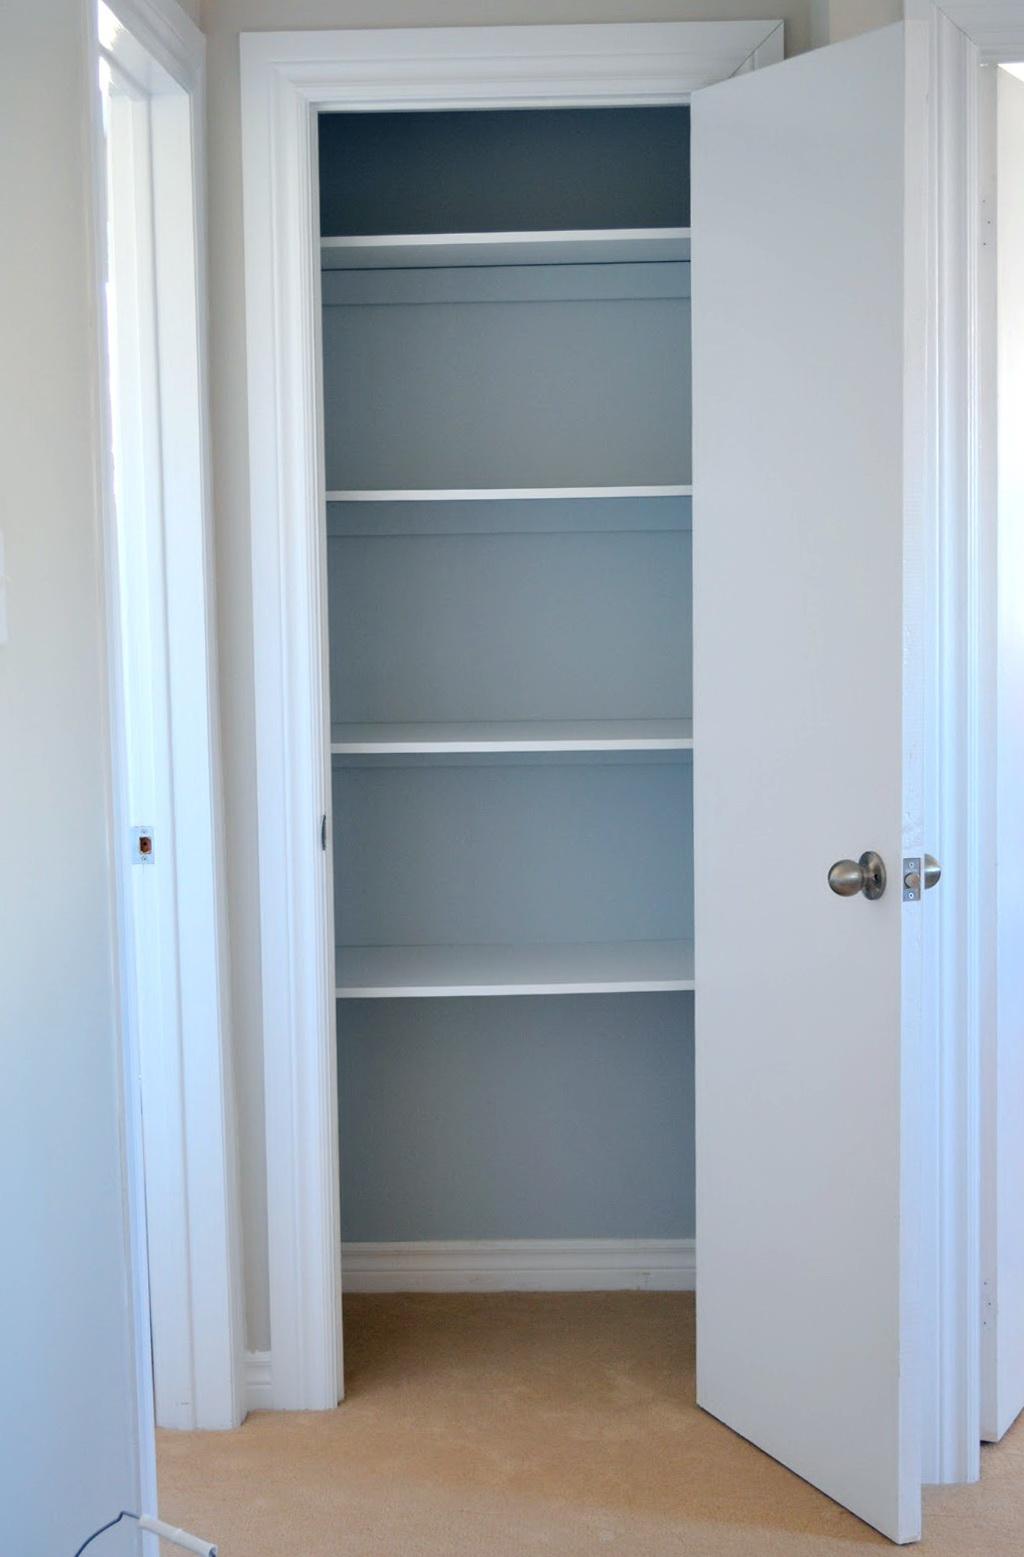 Linen Closet Shelving Ideas